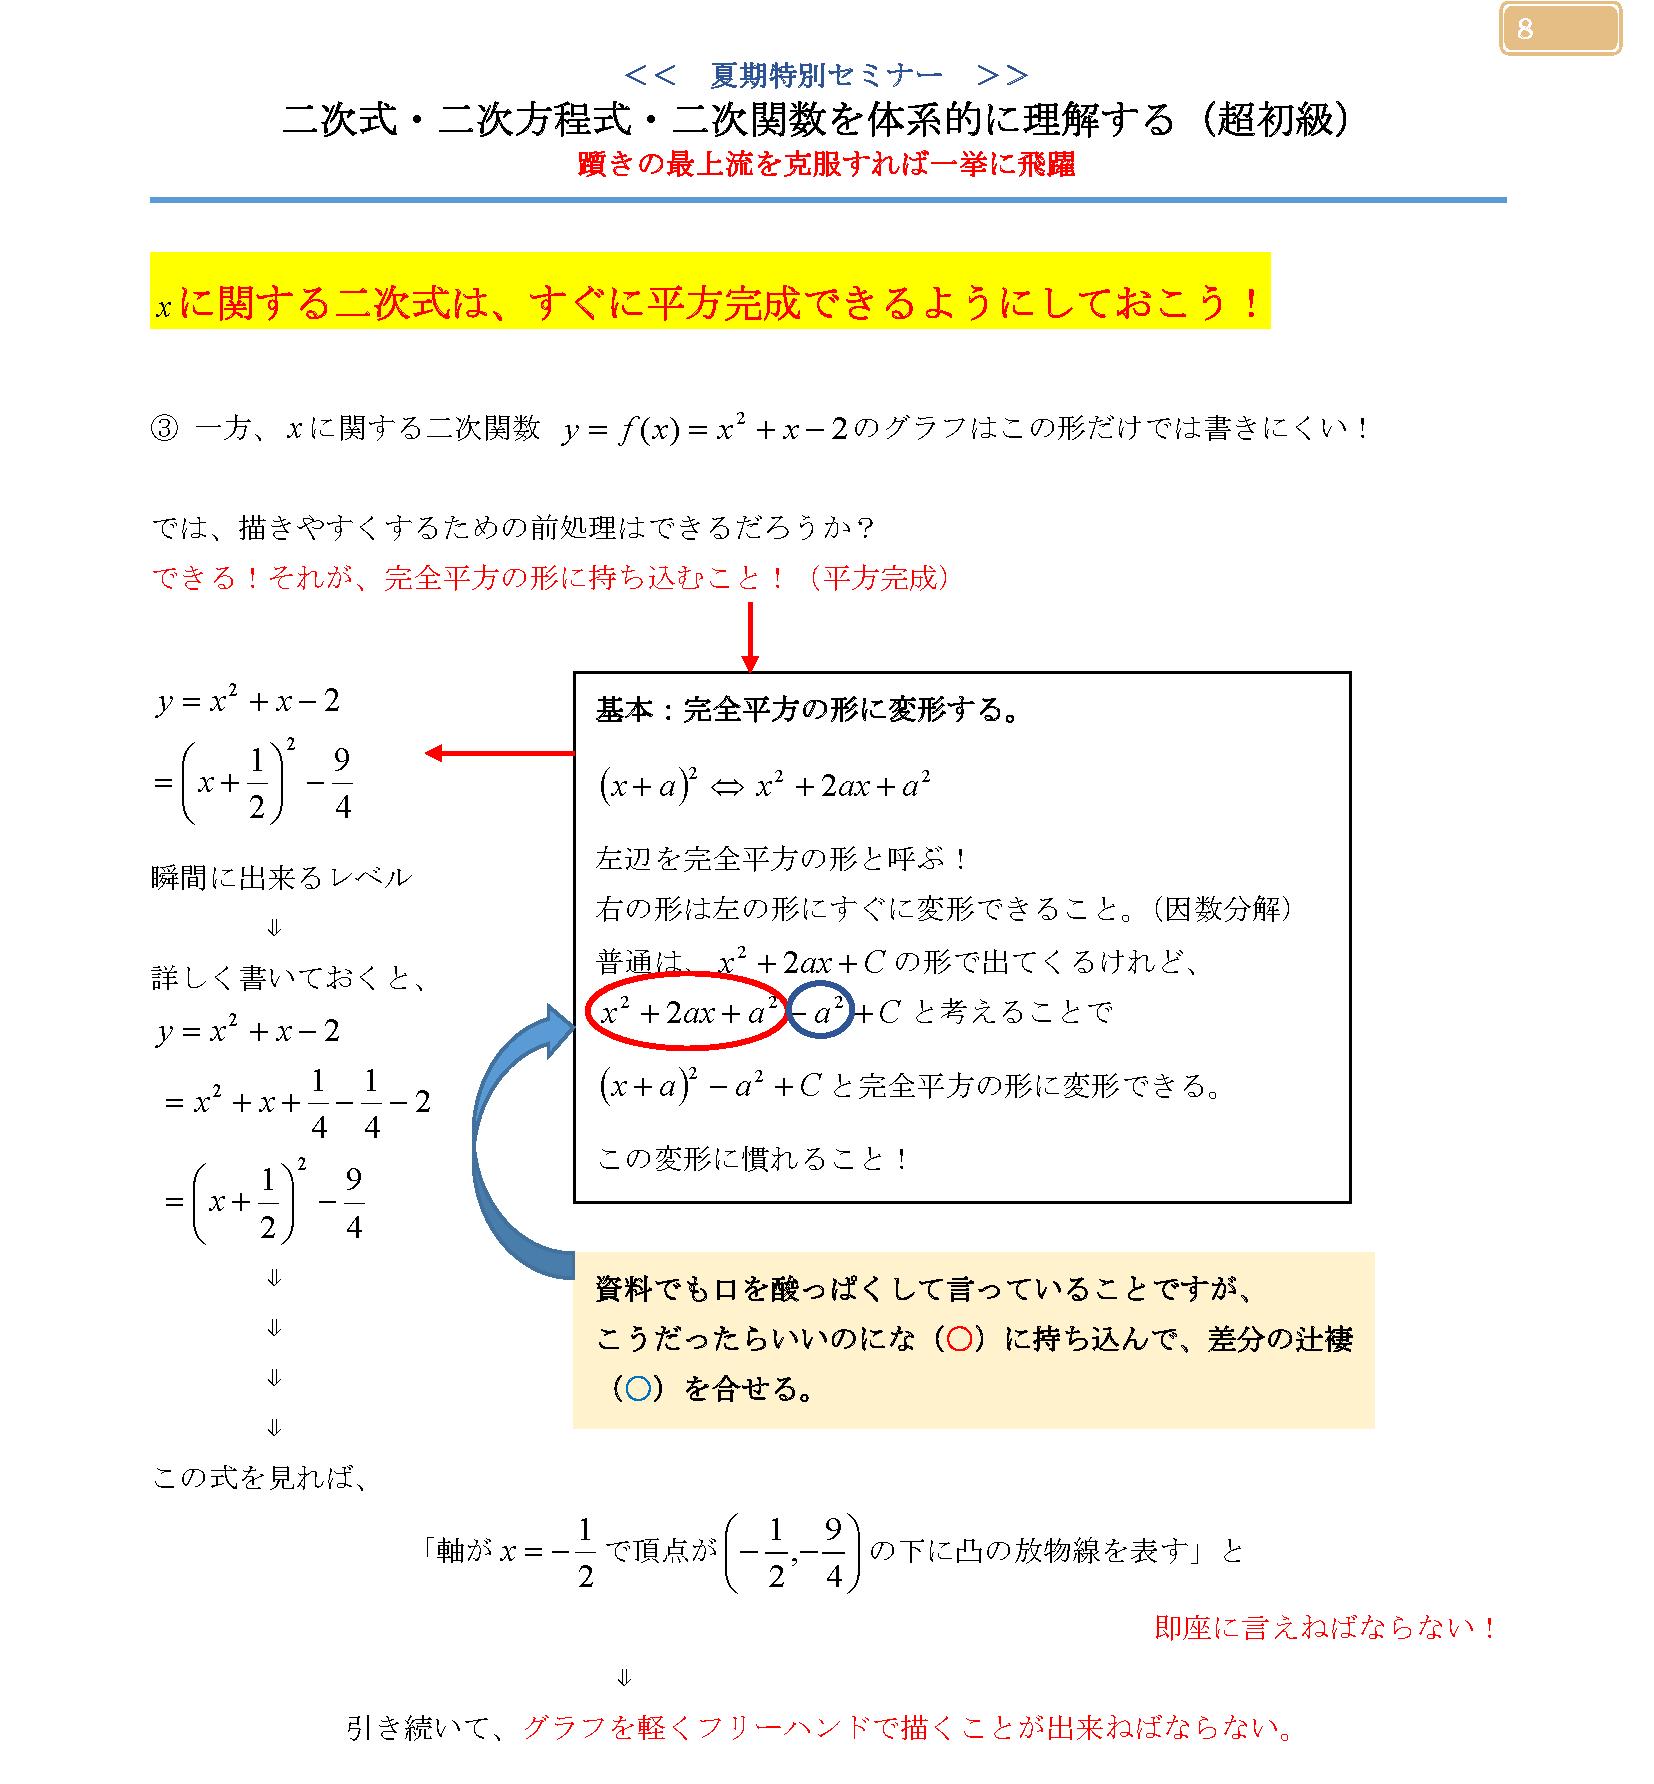 xに関する二次式は、すぐに平方完成できるようにしておこう!